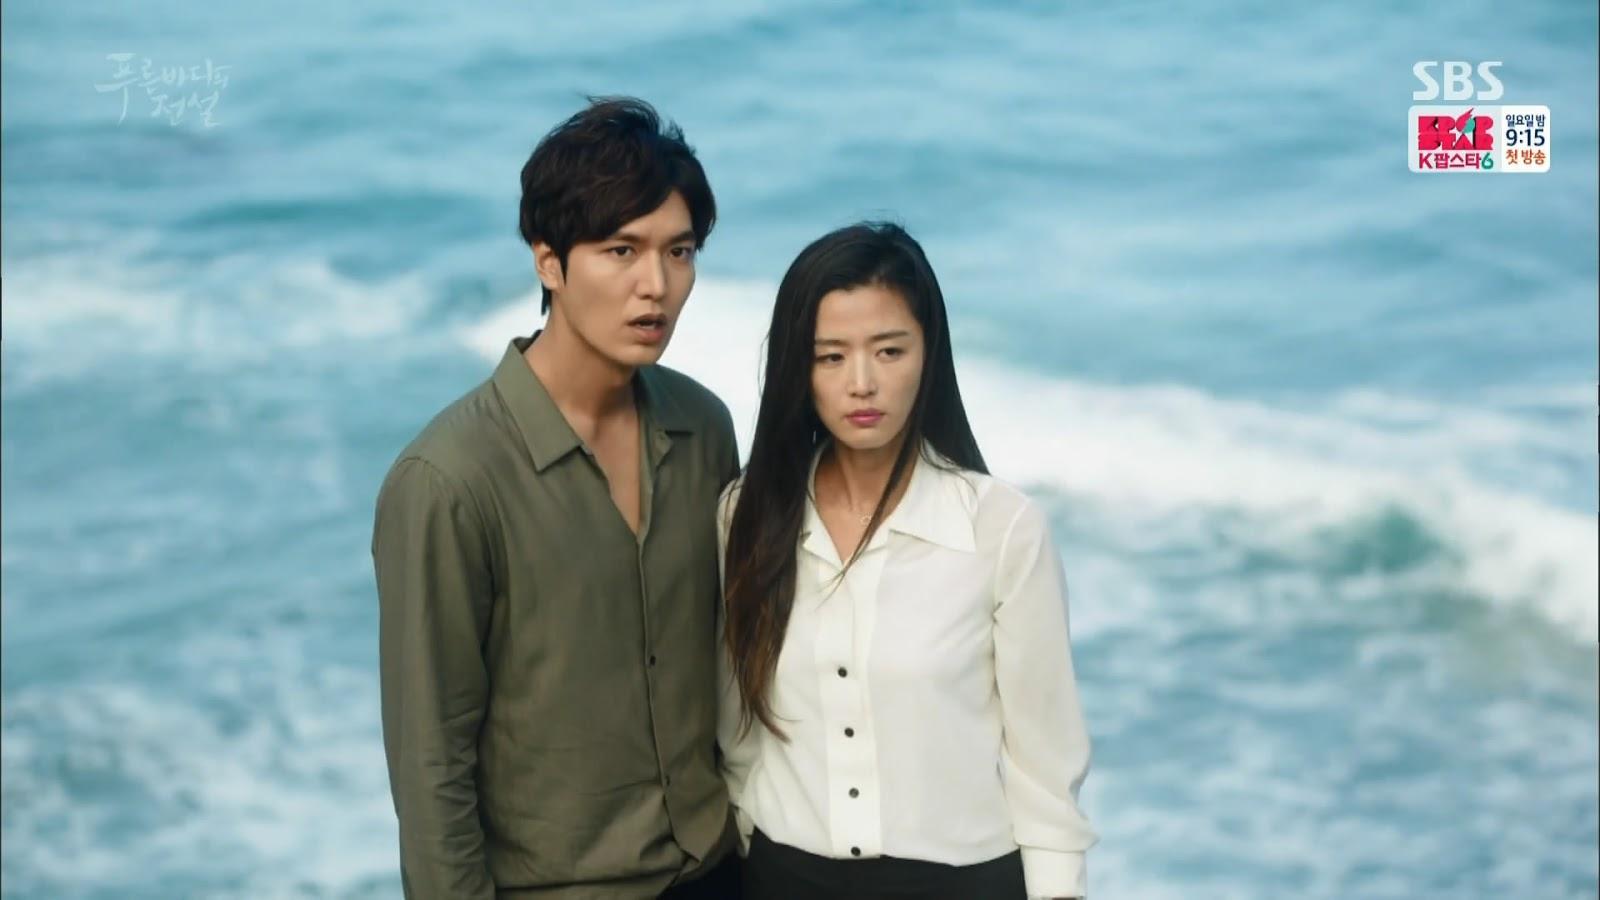 Screenshot Joon Jea And Cheong Yi The Legend Of The Blu Sea (2016)  1080p Episode 02 - www.uchiha-uzuma.com